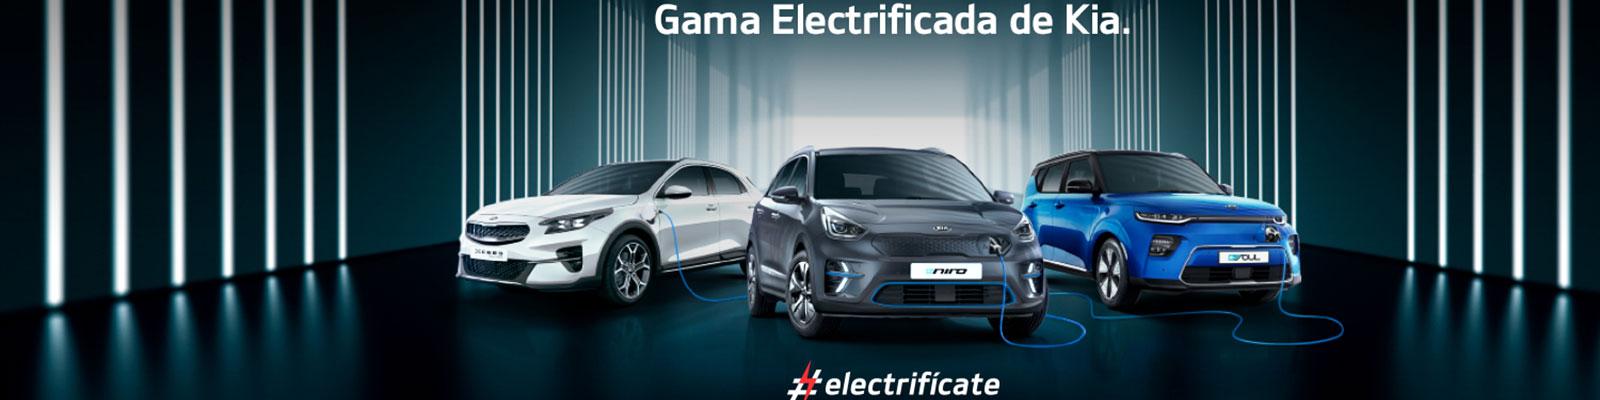 Gama electrificada de Kia